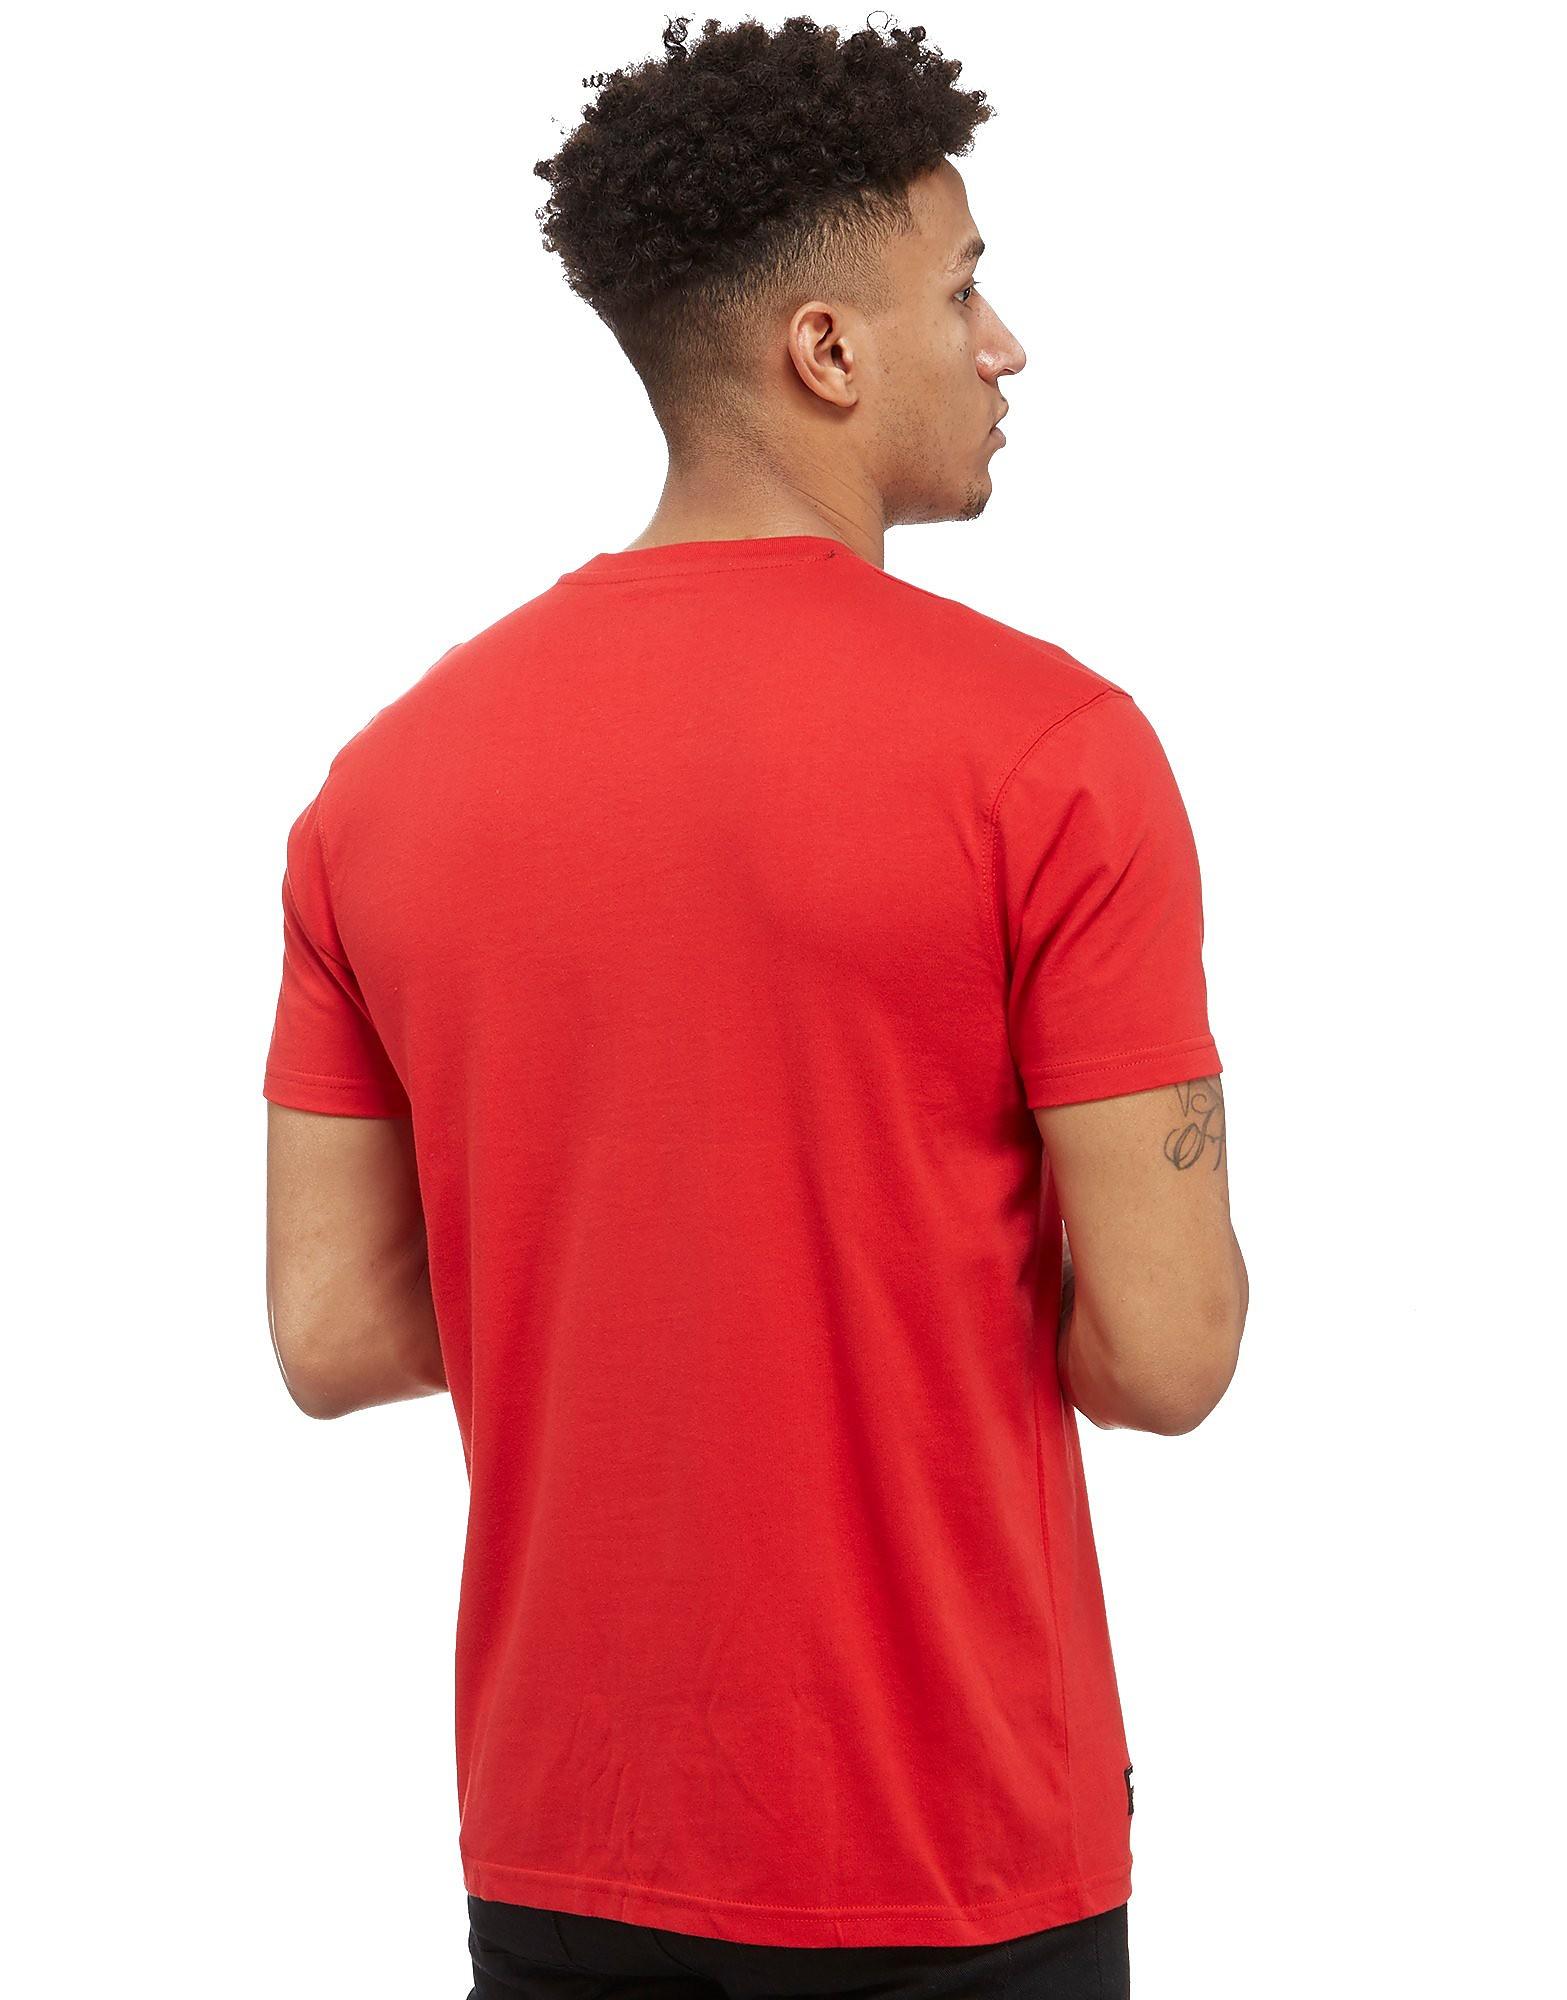 McKenzie Camiseta Steadway